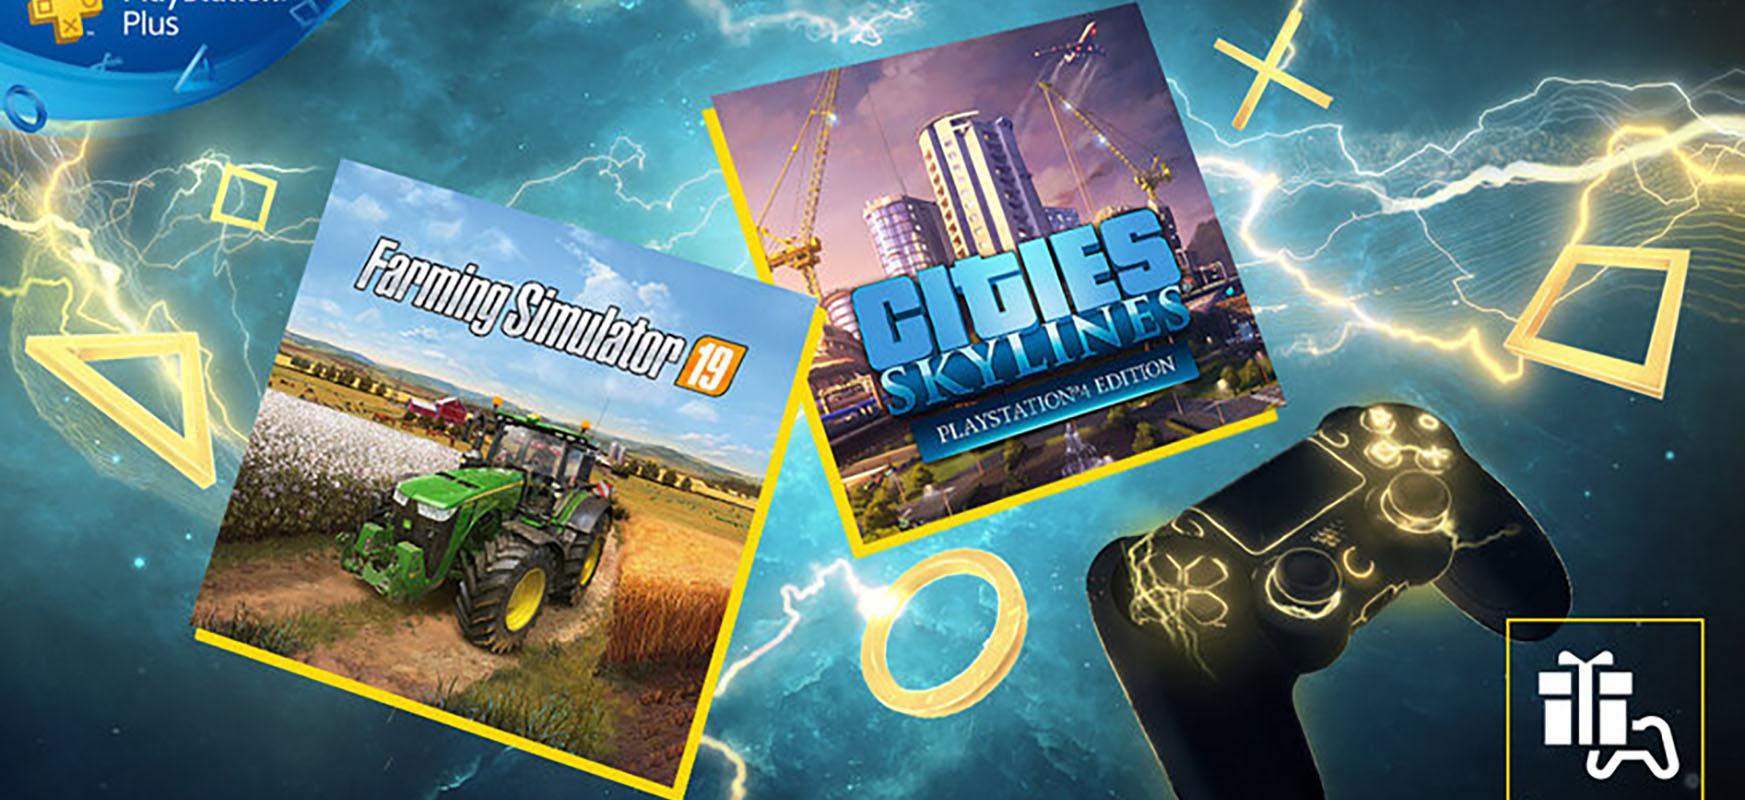 PS PS Plus-ek estrategiaren eta erlaxazioaren zaleei mesede egingo die.  Hiriak: Skylines eta Farming Simulator 19 doan